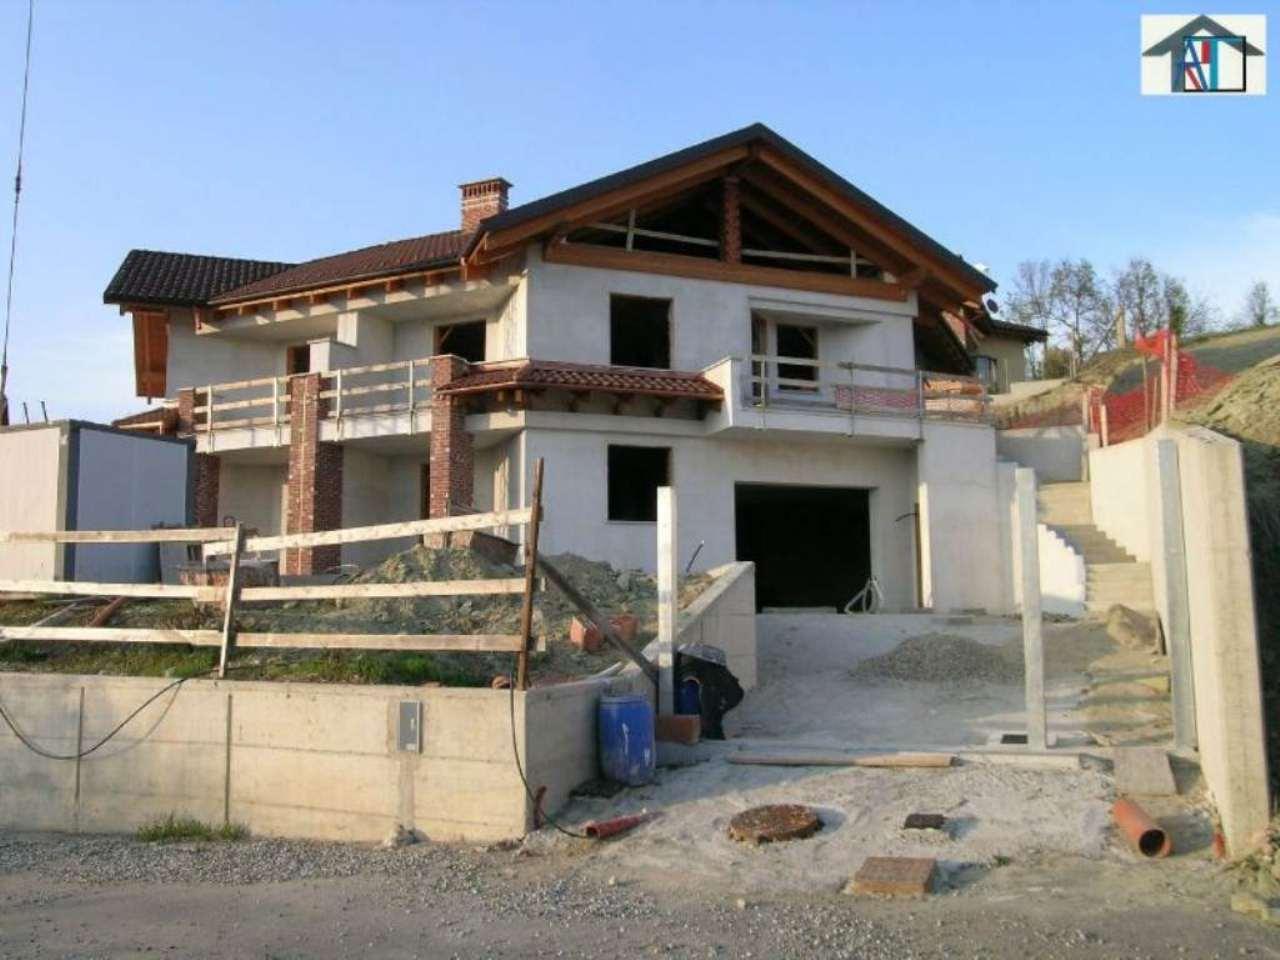 Villa in vendita a Montaldo Torinese, 9999 locali, prezzo € 400.000 | Cambio Casa.it